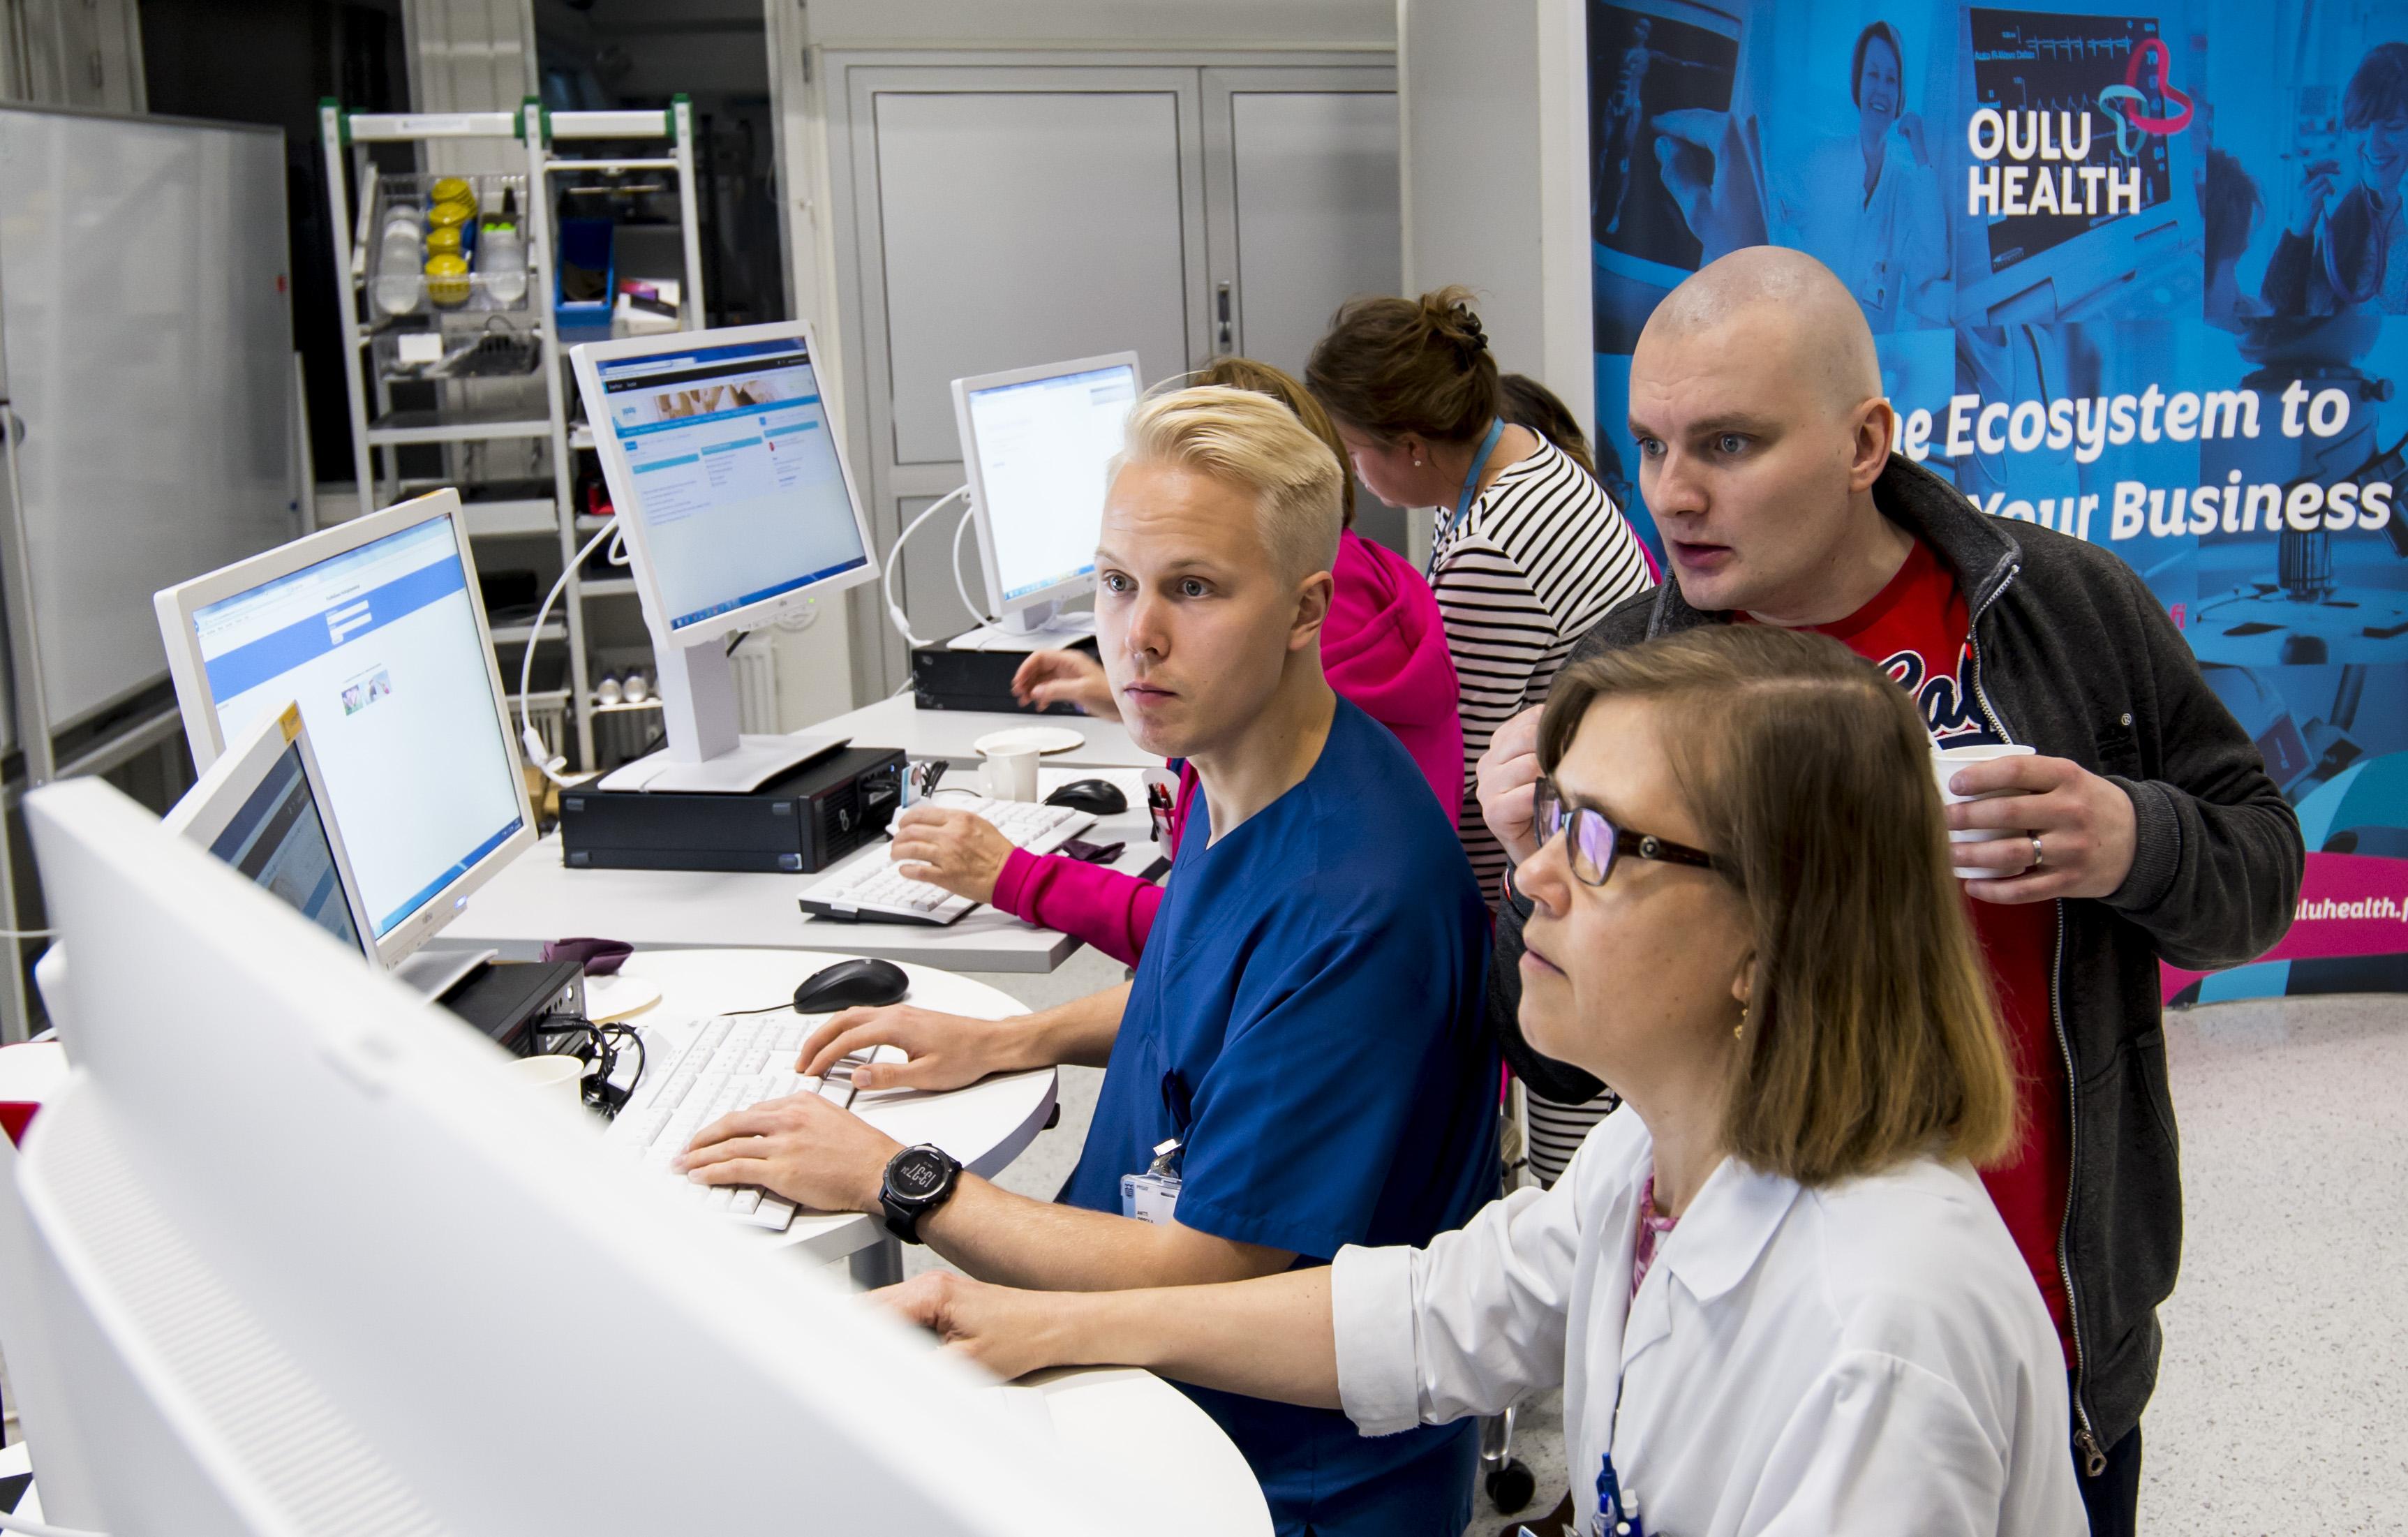 Ryhmä ihmisiä katsoo tietokonetta laboratoriossa.